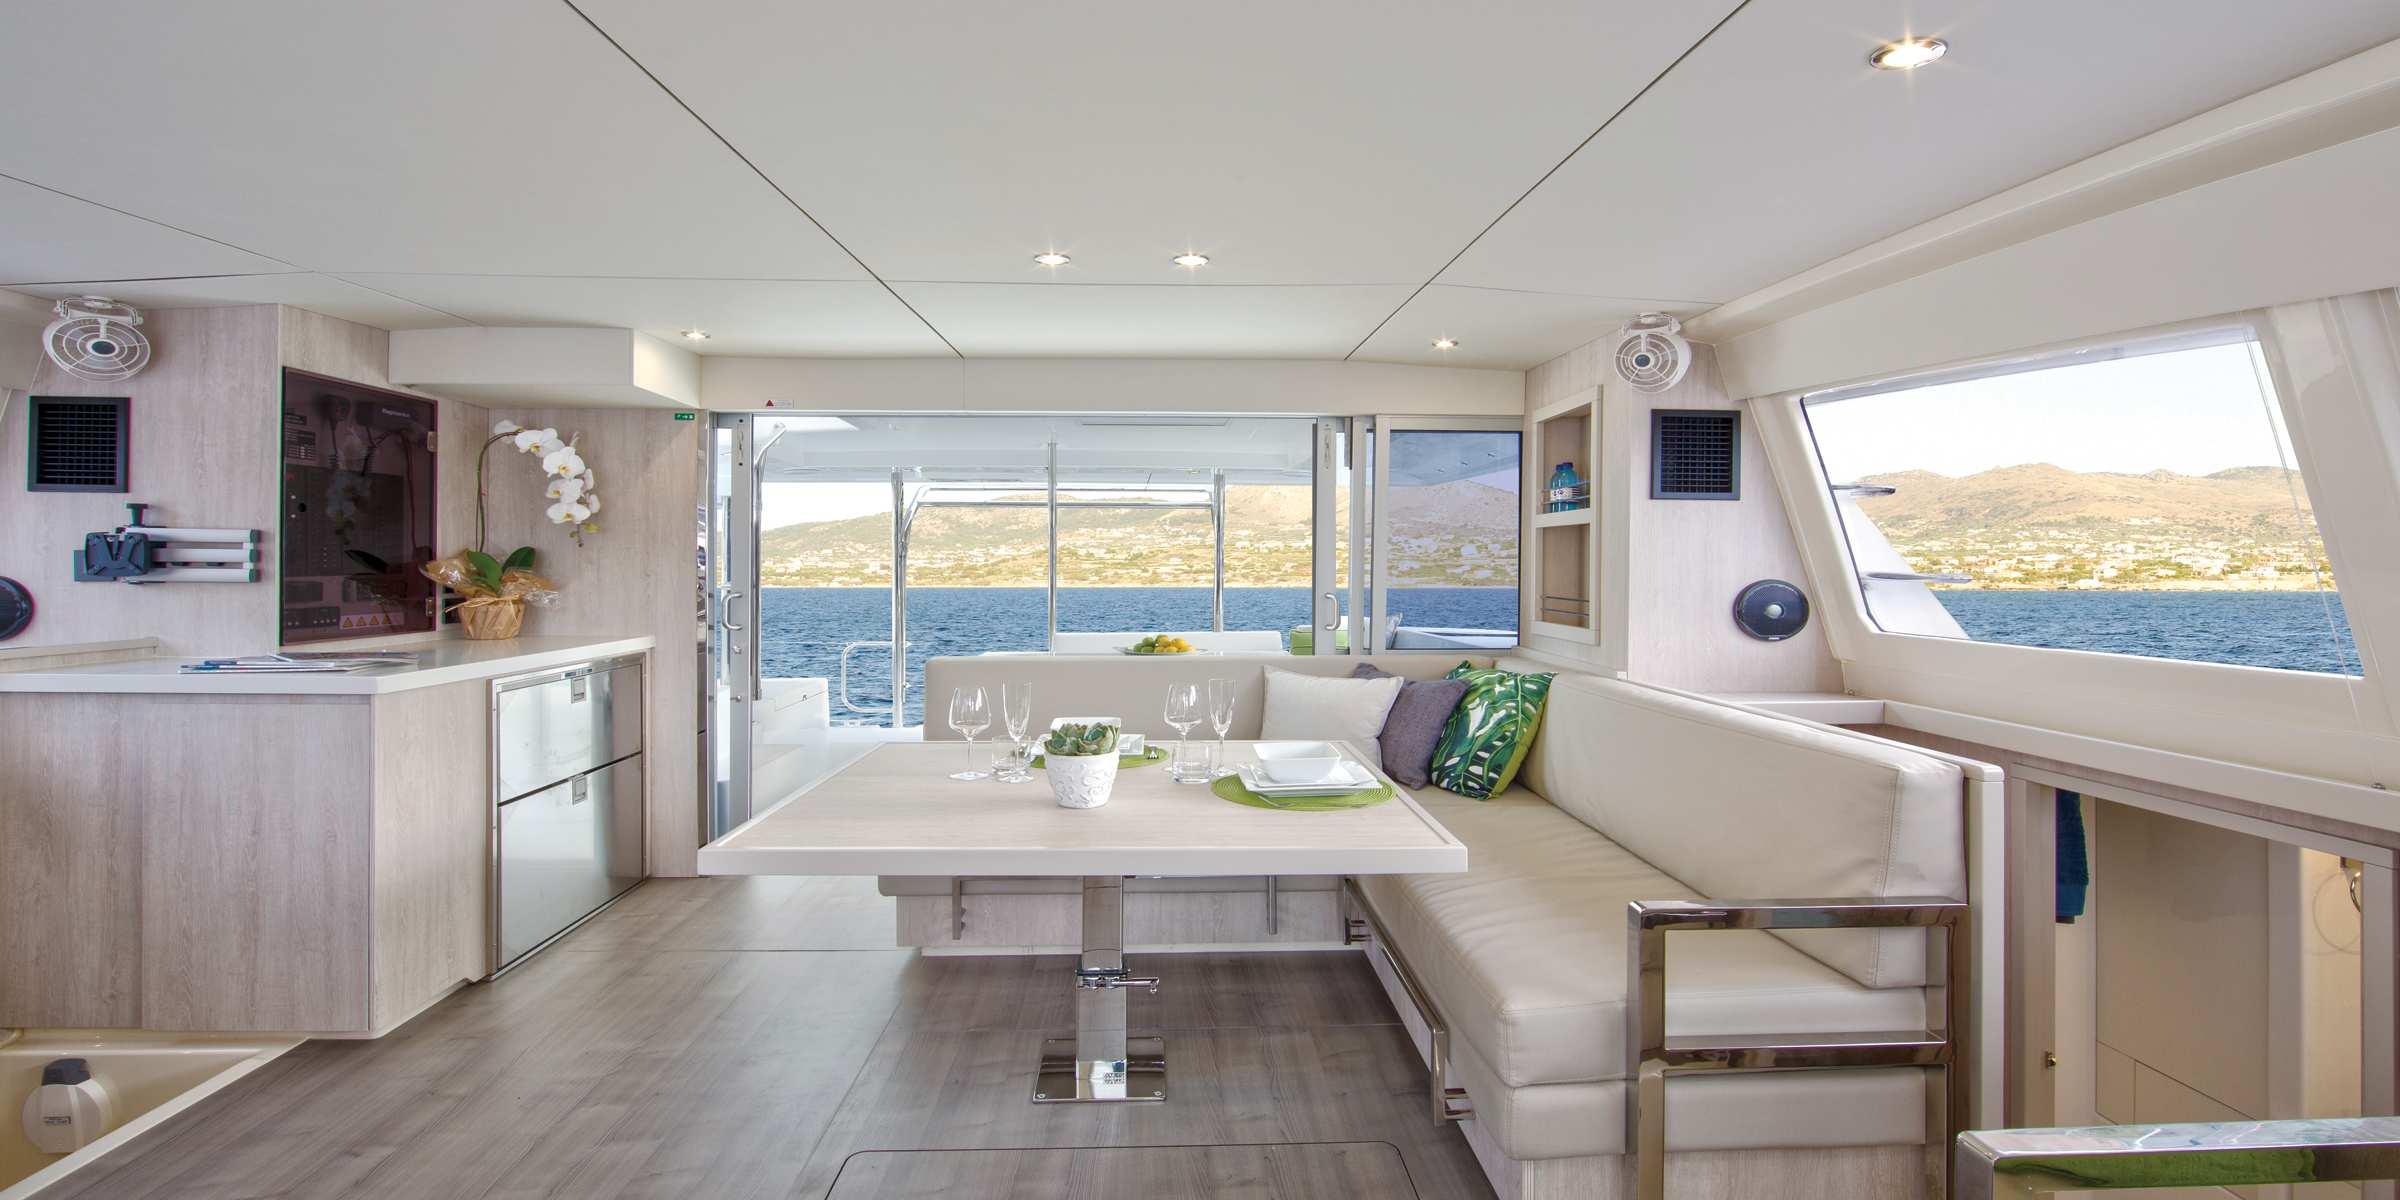 moorings4000-interior-2400x1200-web.jpg